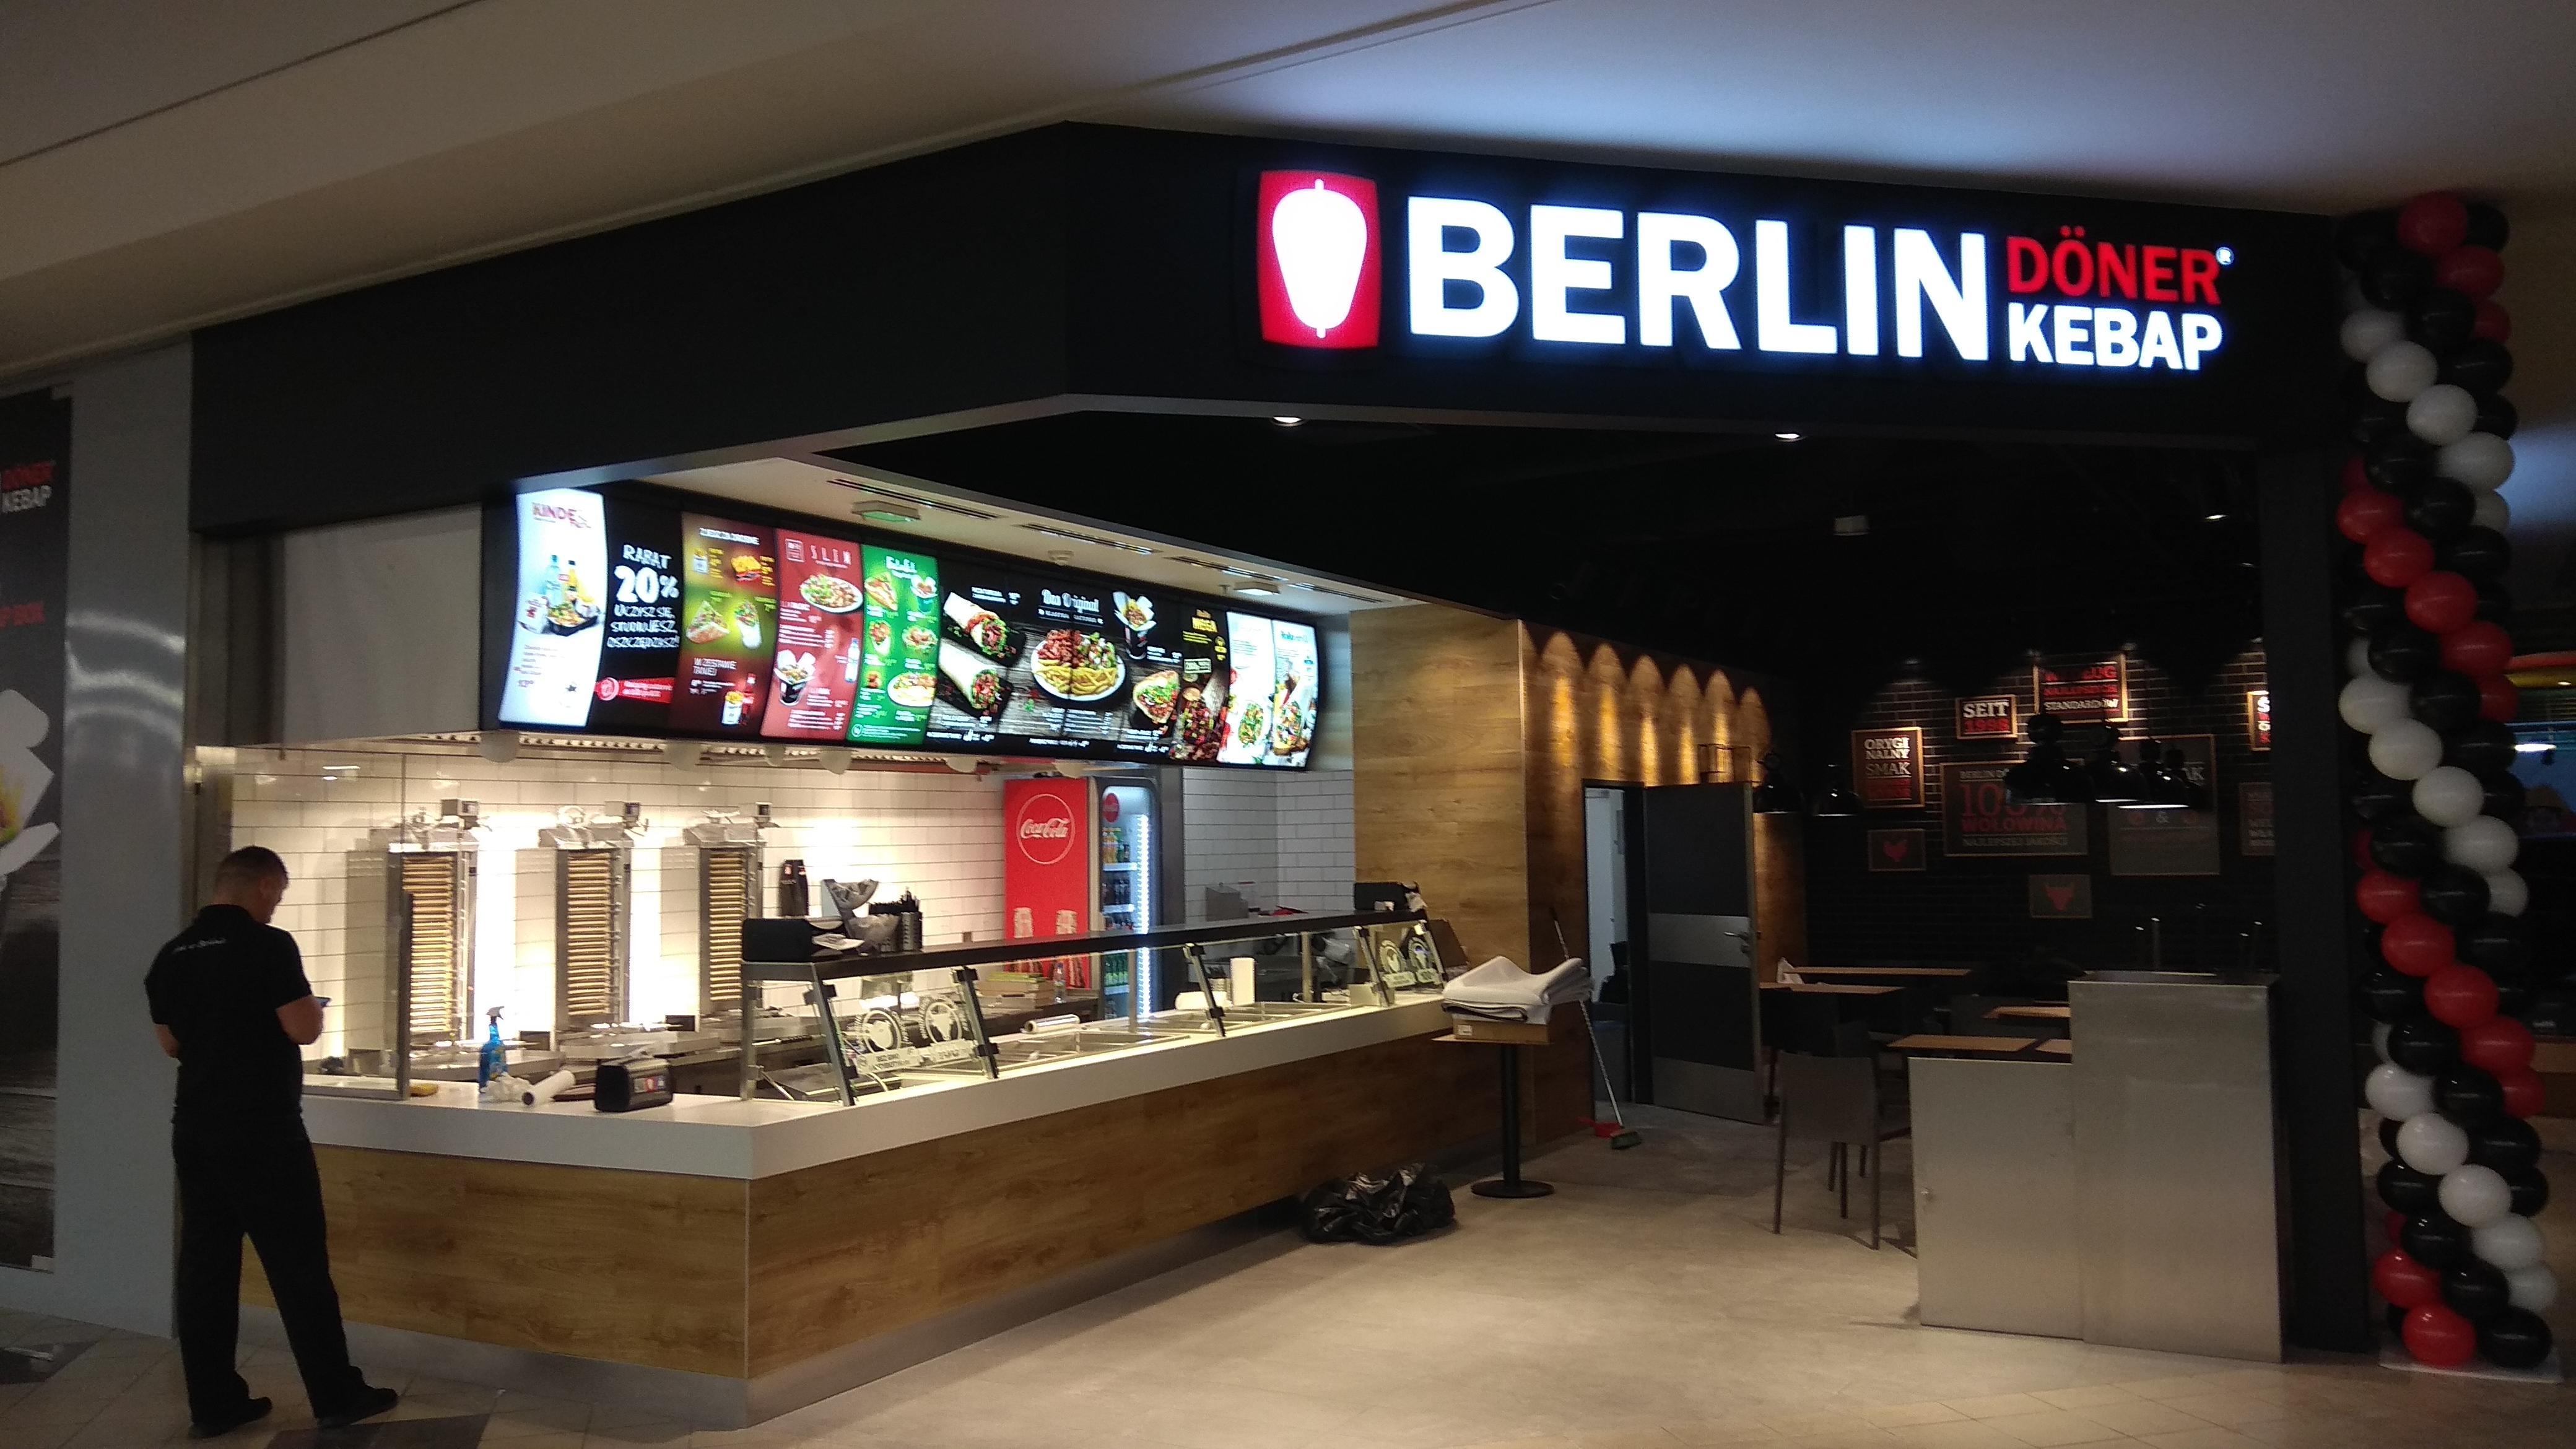 berlin doner1